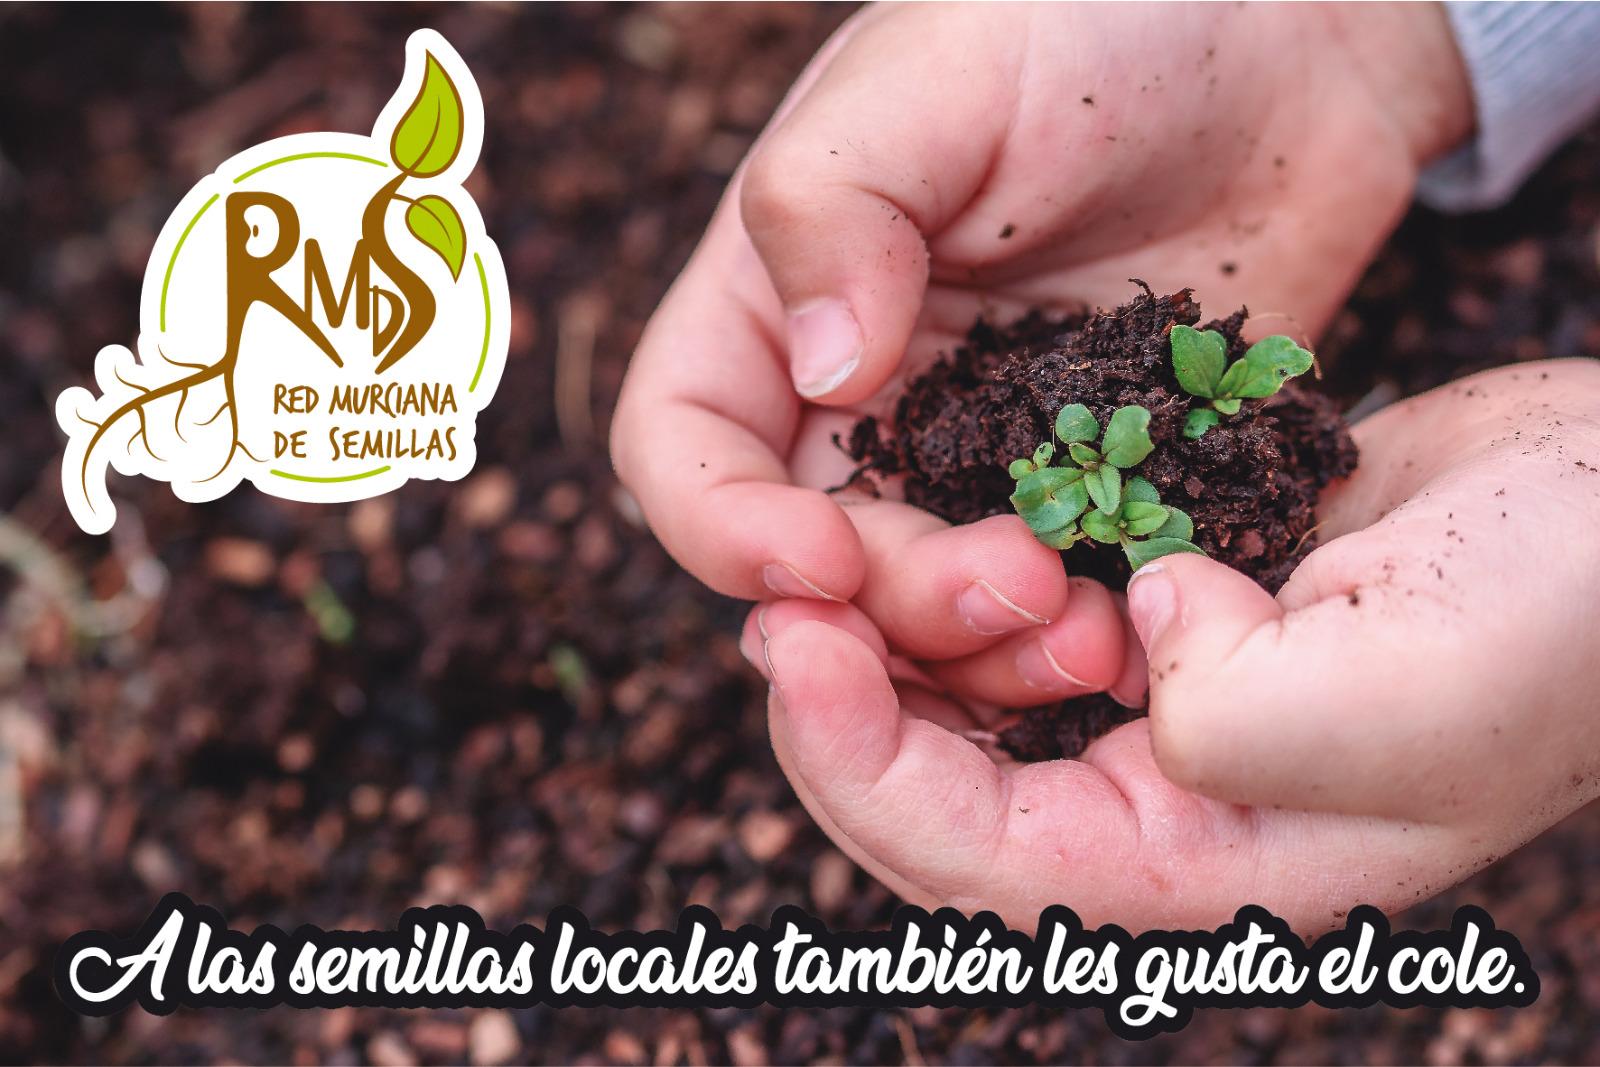 Reparto de semillas de variedades locales a centros escolares, con la Red Murciana de Semillas